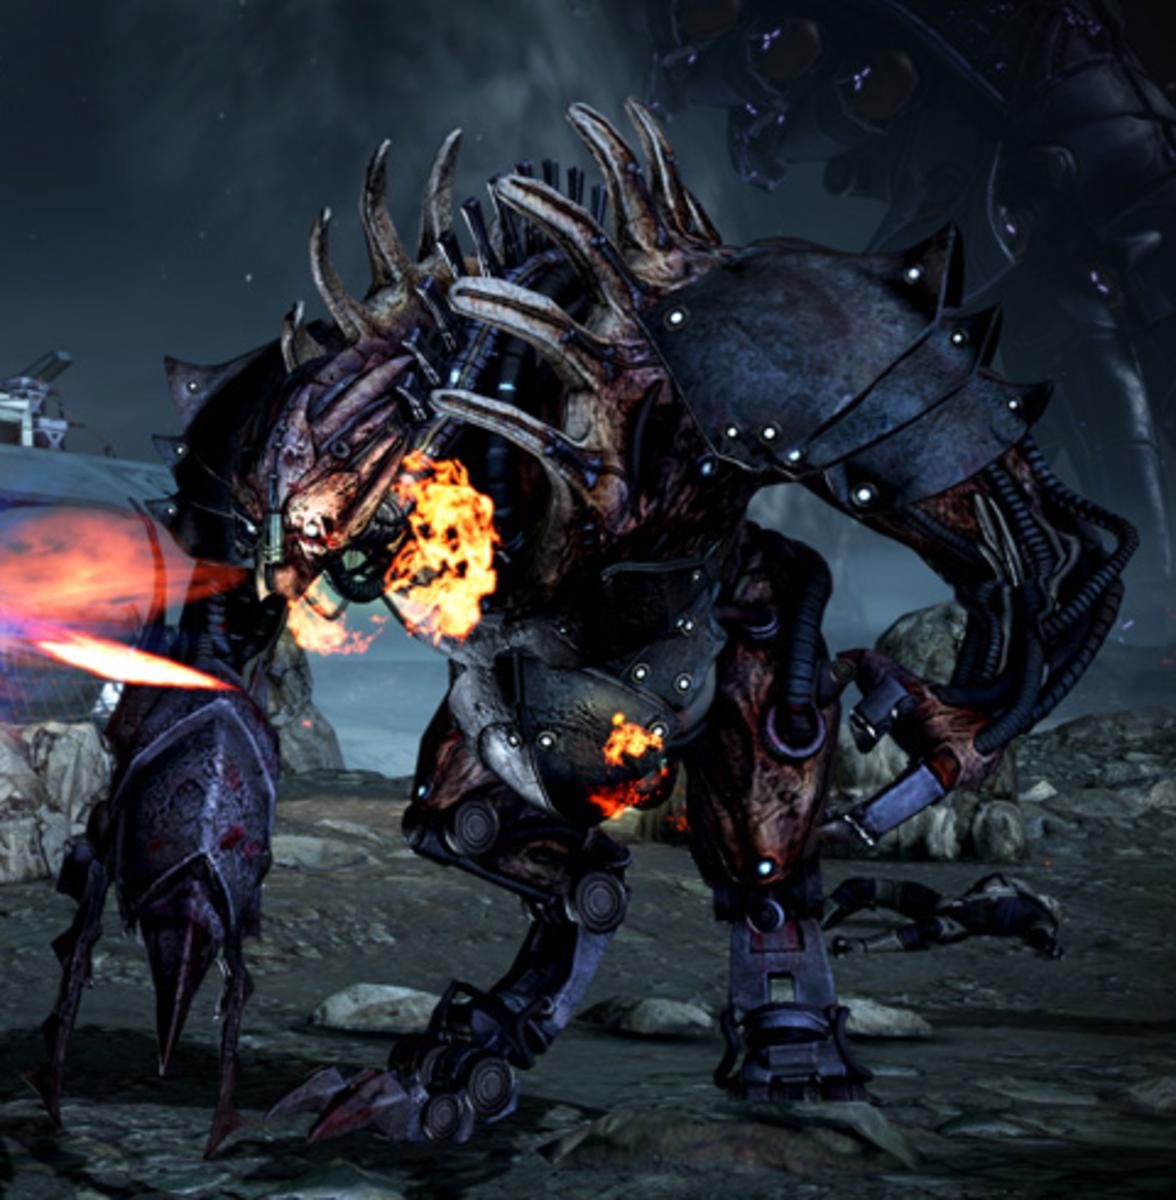 """A Brute in """"Mass Effect 3."""""""